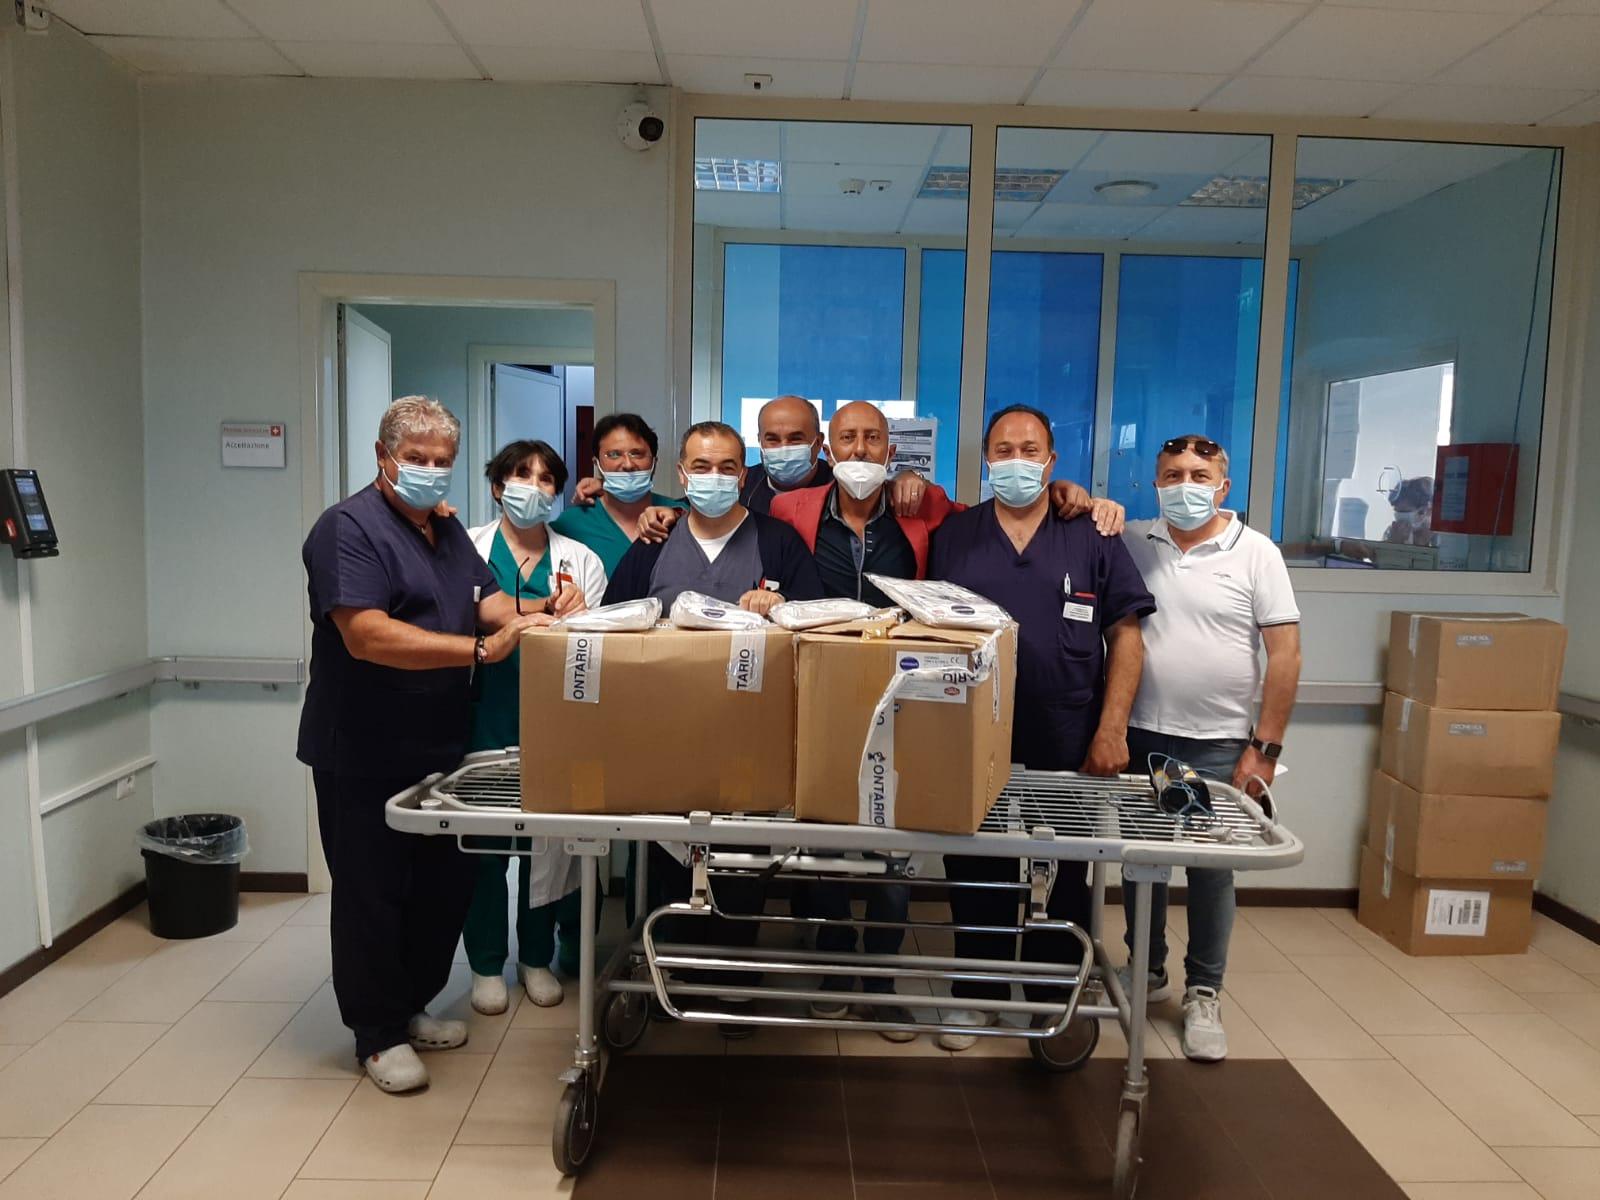 10/06/2020 - COVID-19 hospital donations